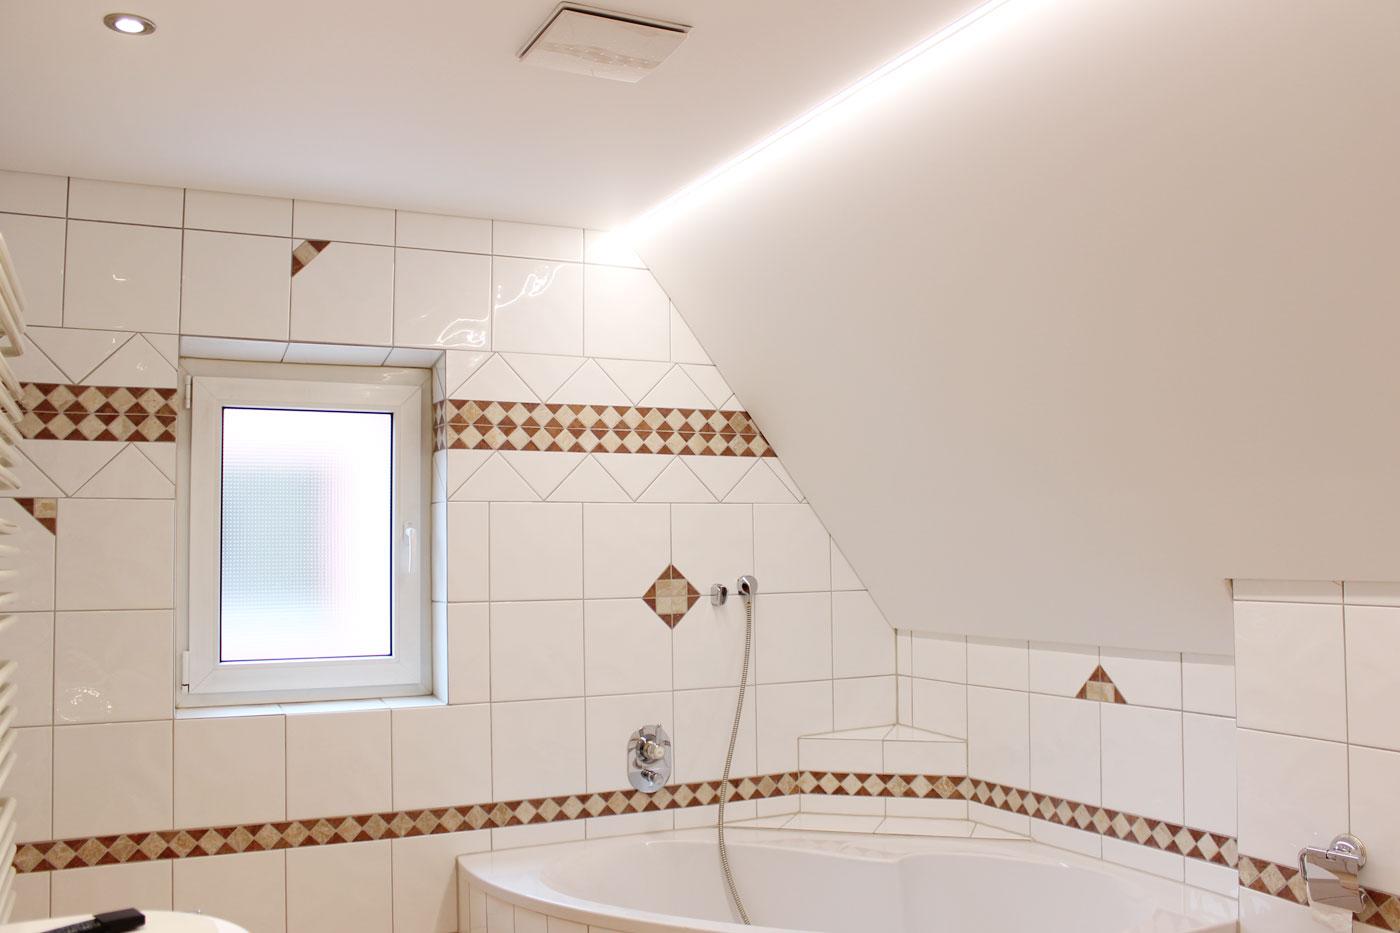 Spanndeckenstudio Teller - Referenzen - Dachschräge 002